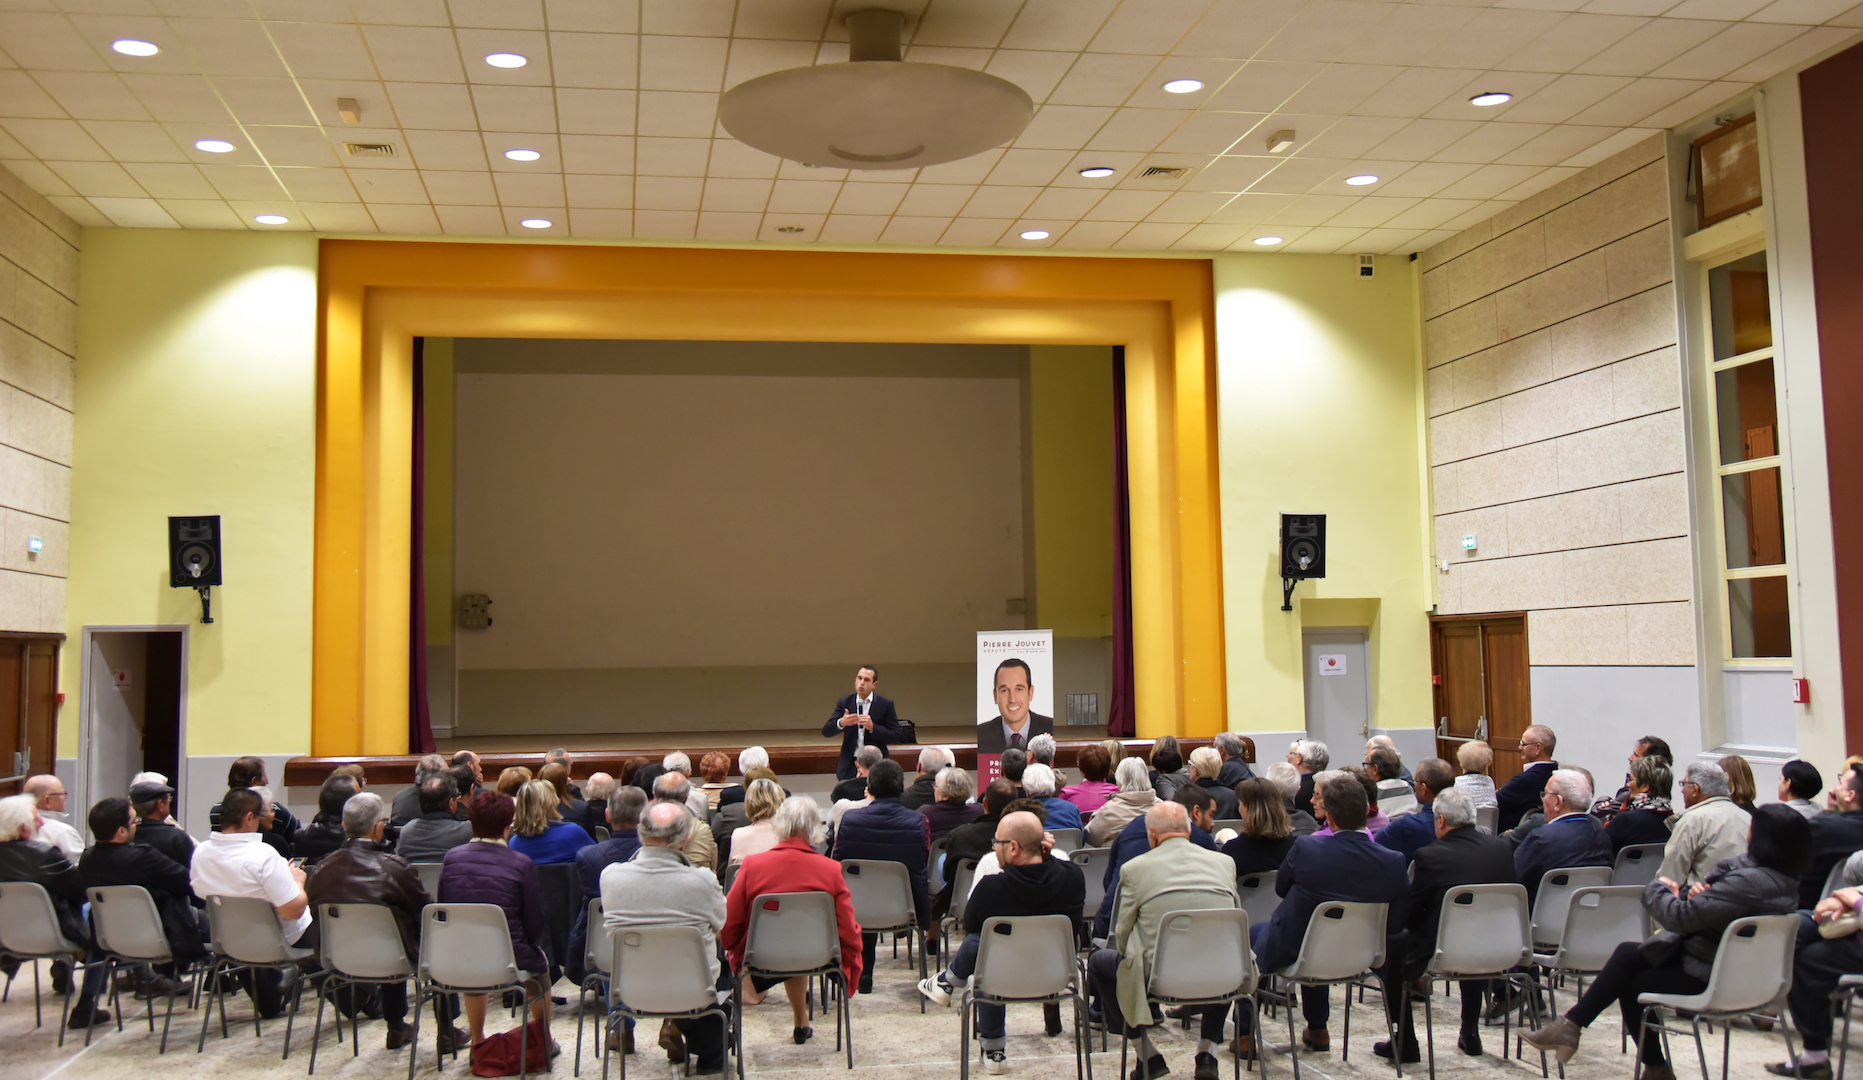 11 rencontres citoyennes, 600 personnes : la parole aux citoyens !